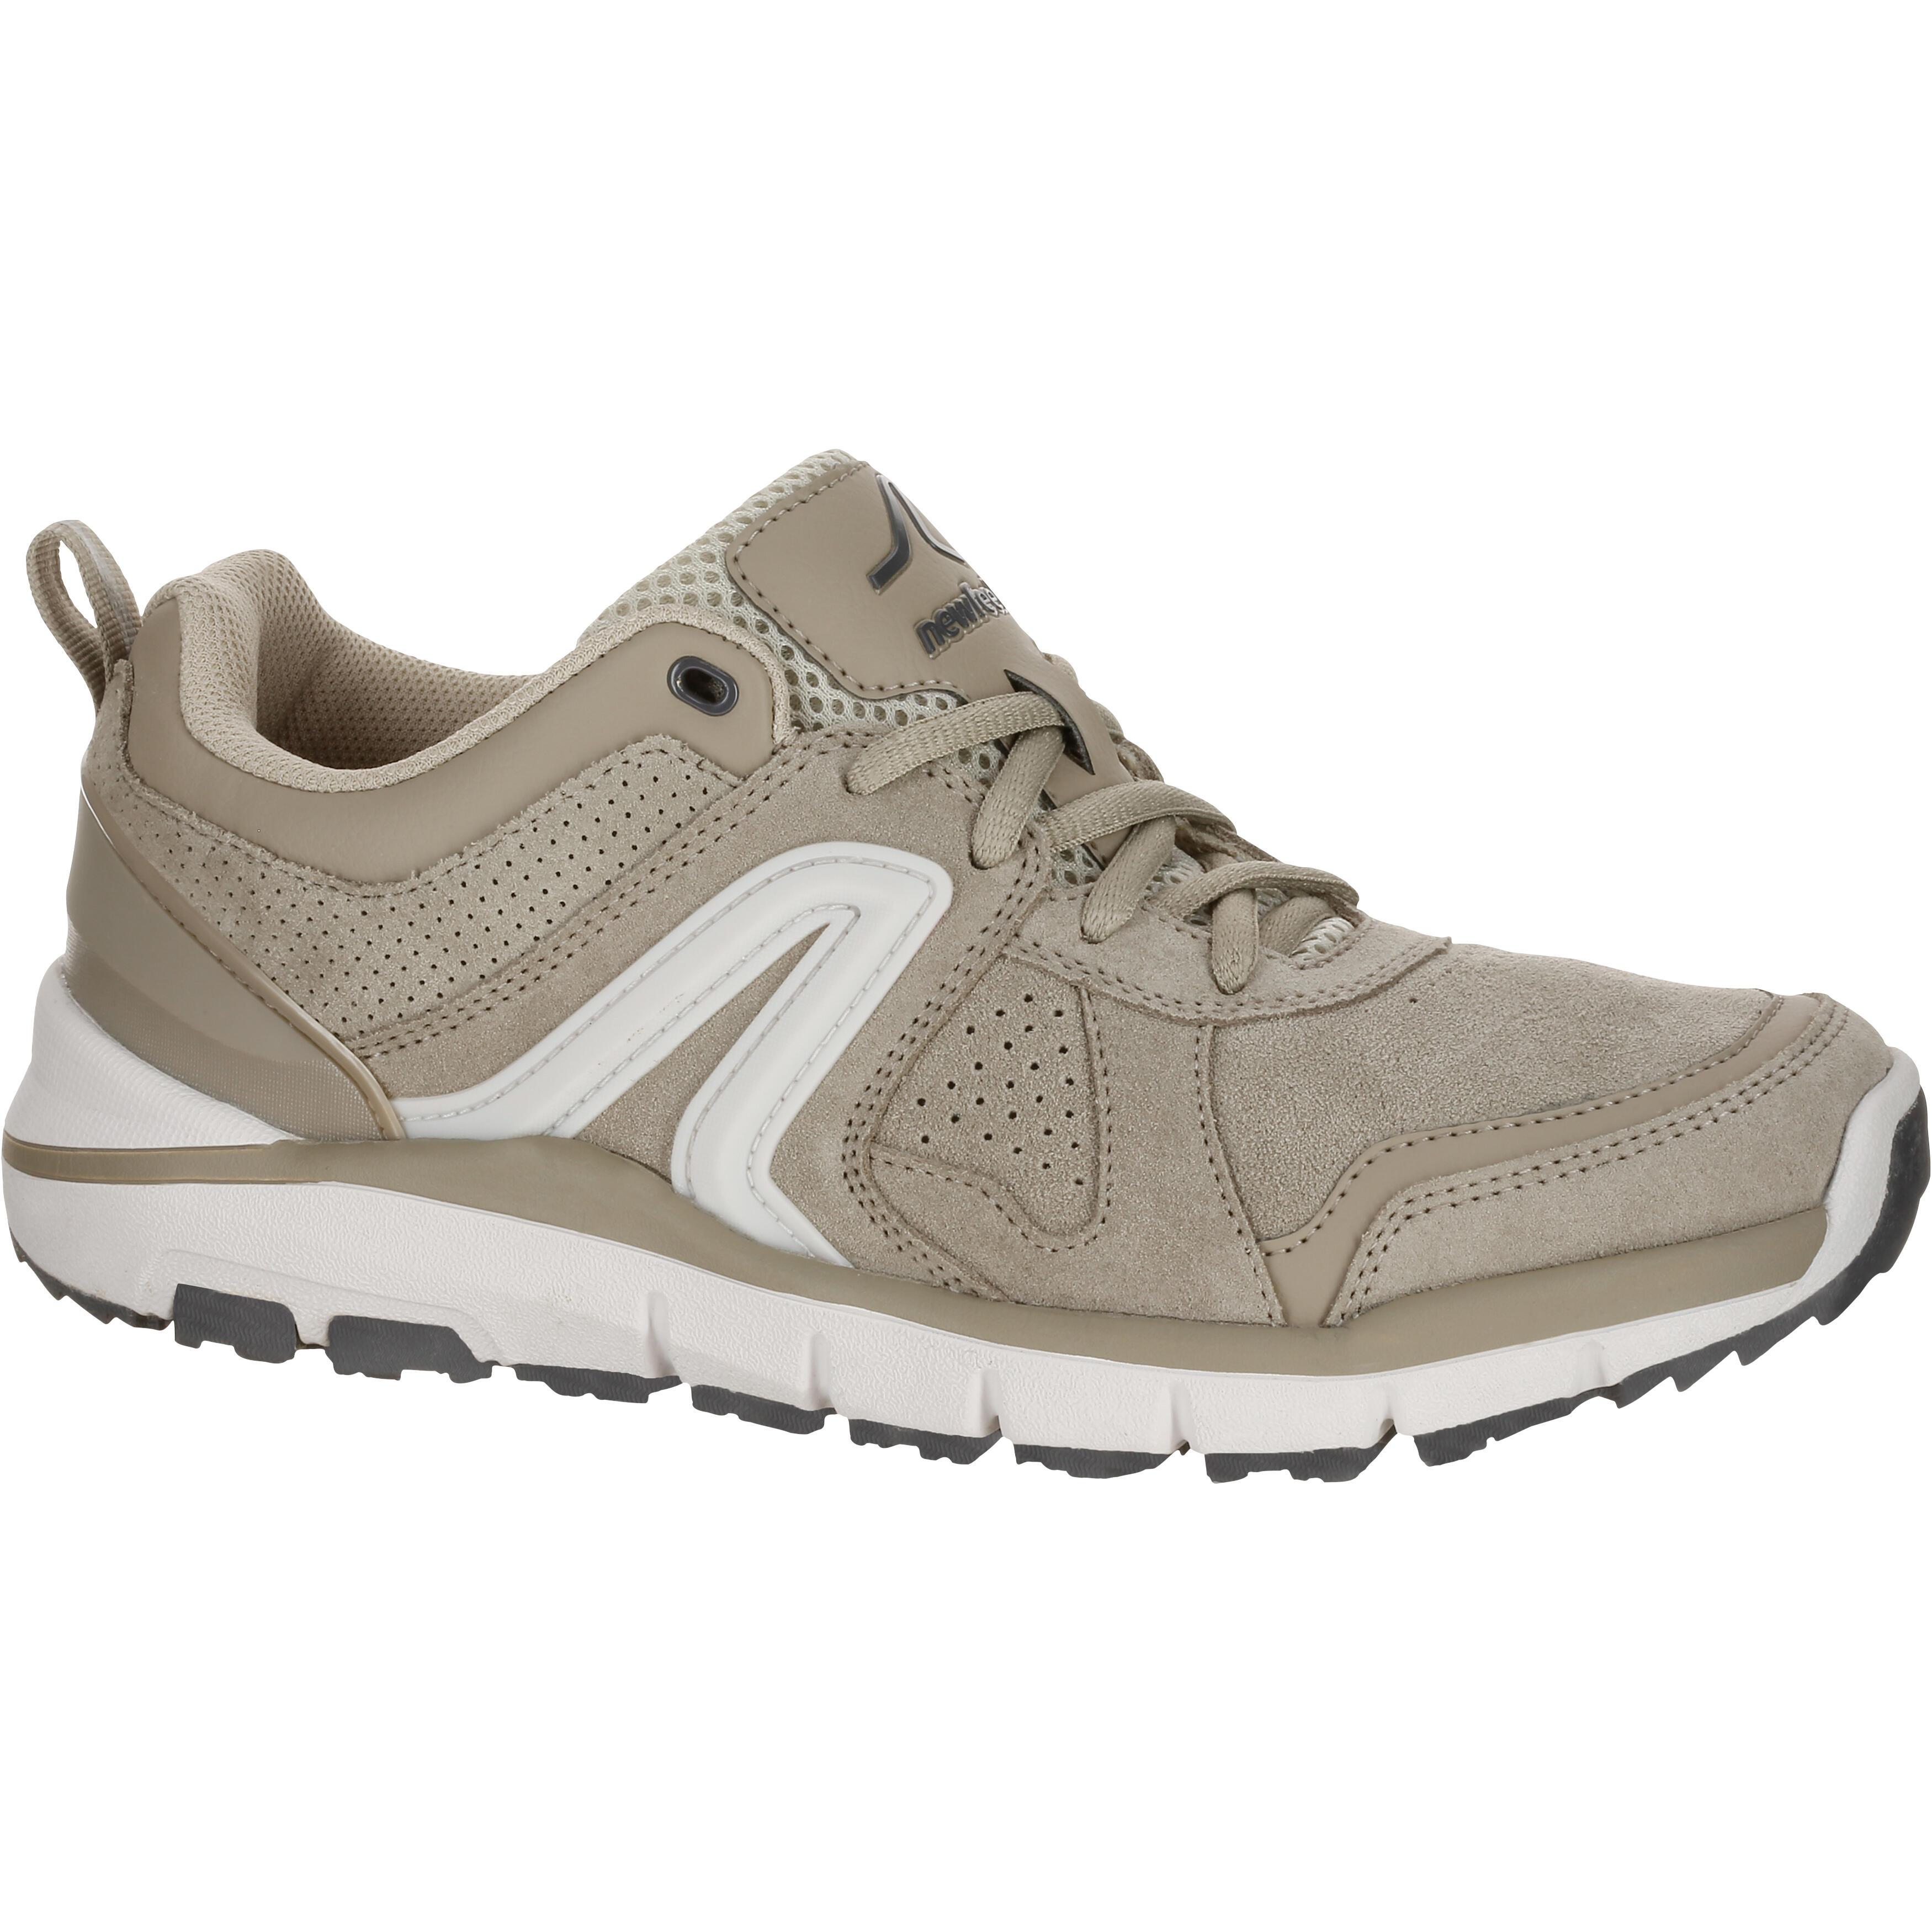 259fce1c67c Newfeel Damessneakers voor sportief wandelen HW 540 leer | Decathlon